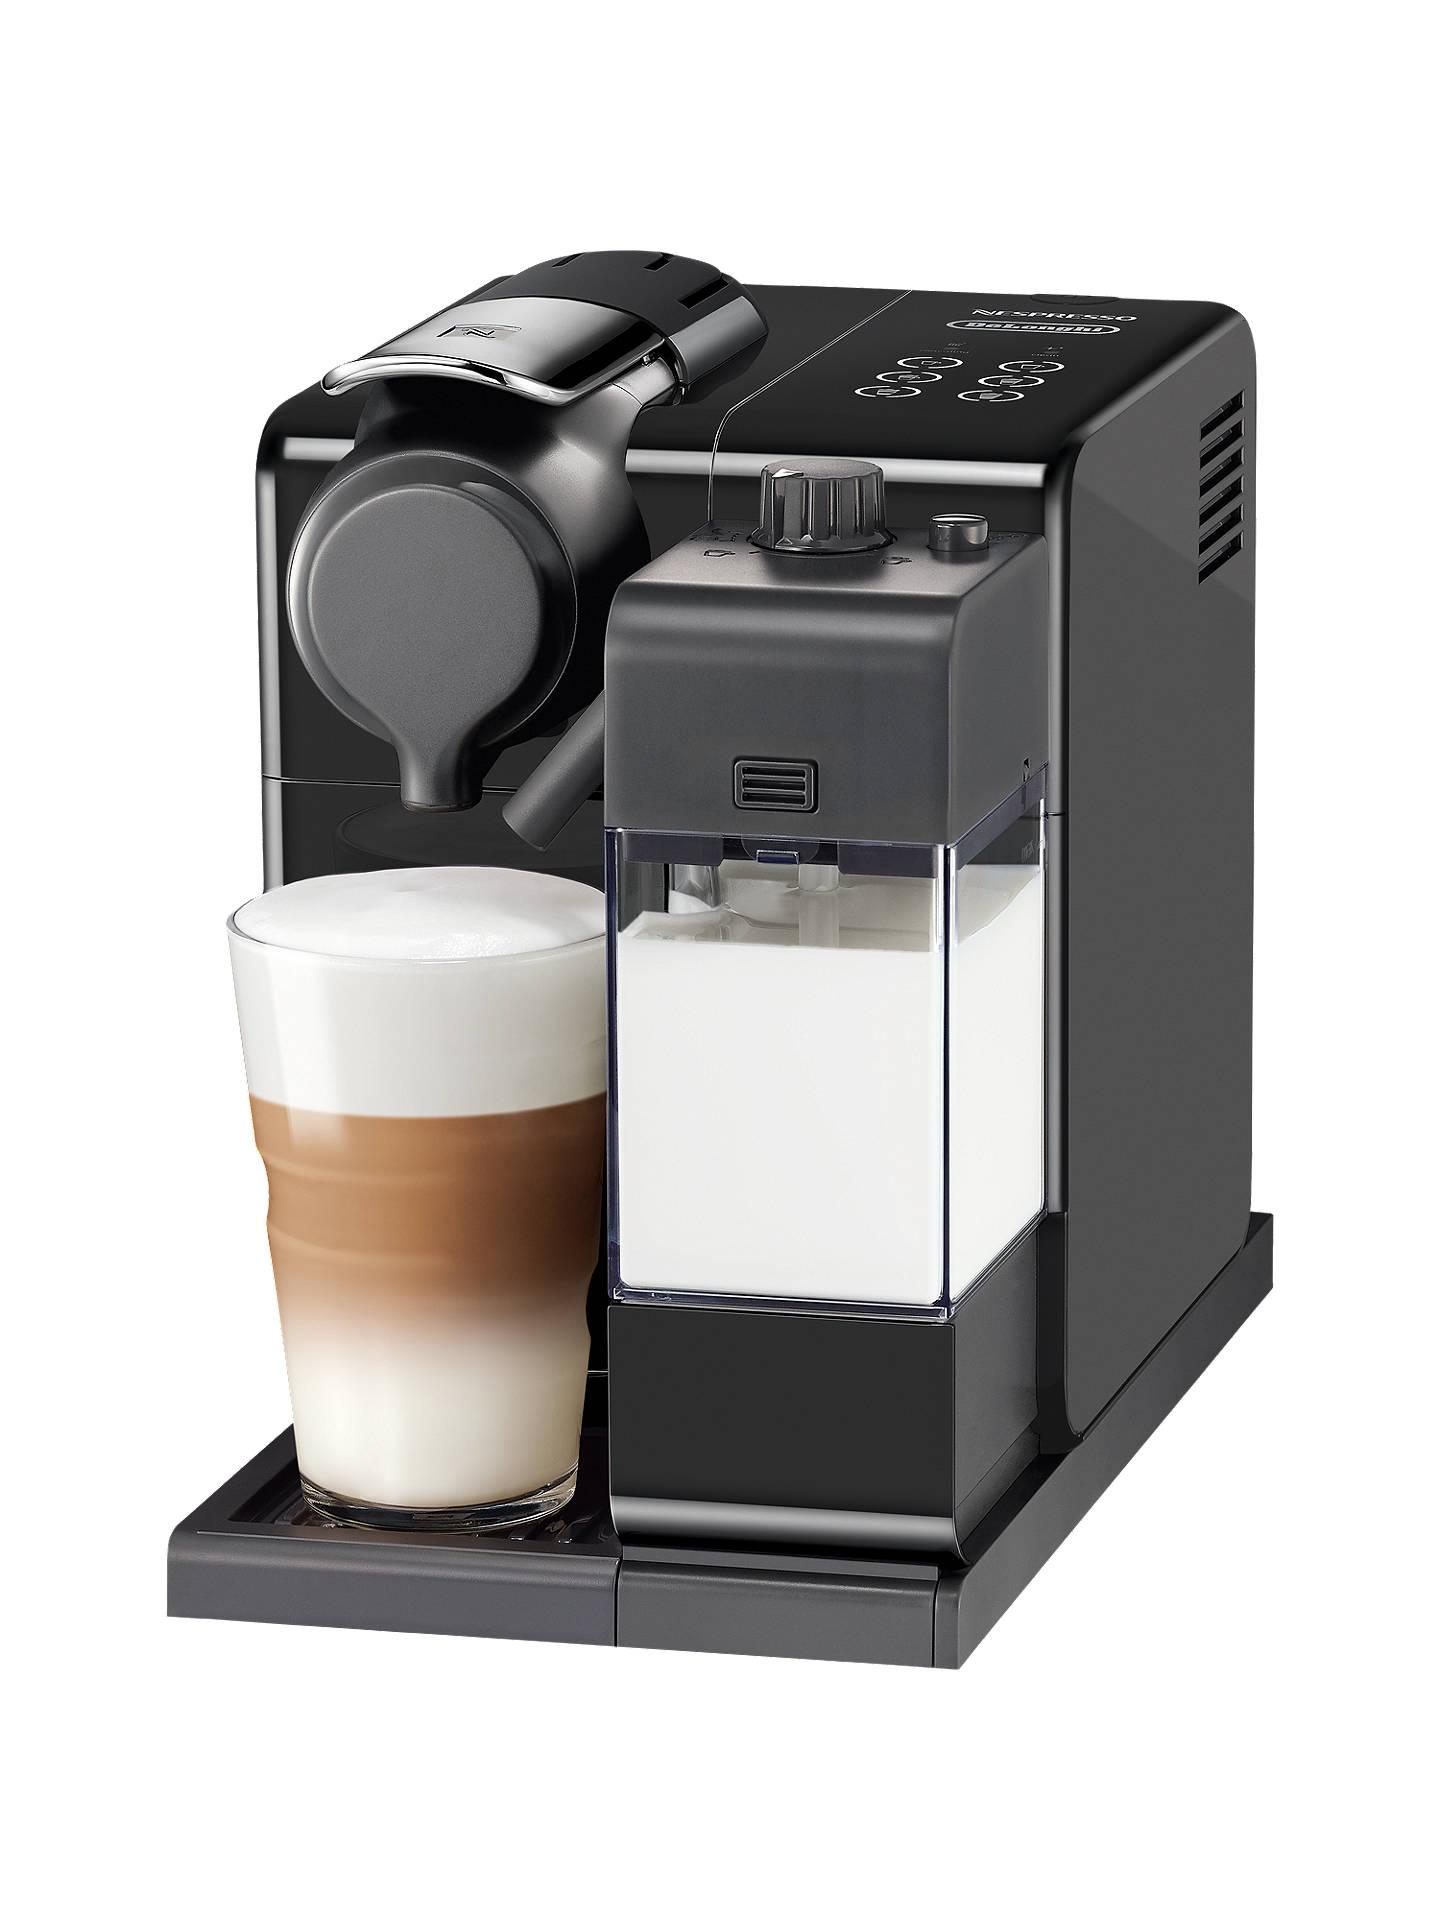 Mesin Kopi Nespresso Lattissima Touch Black